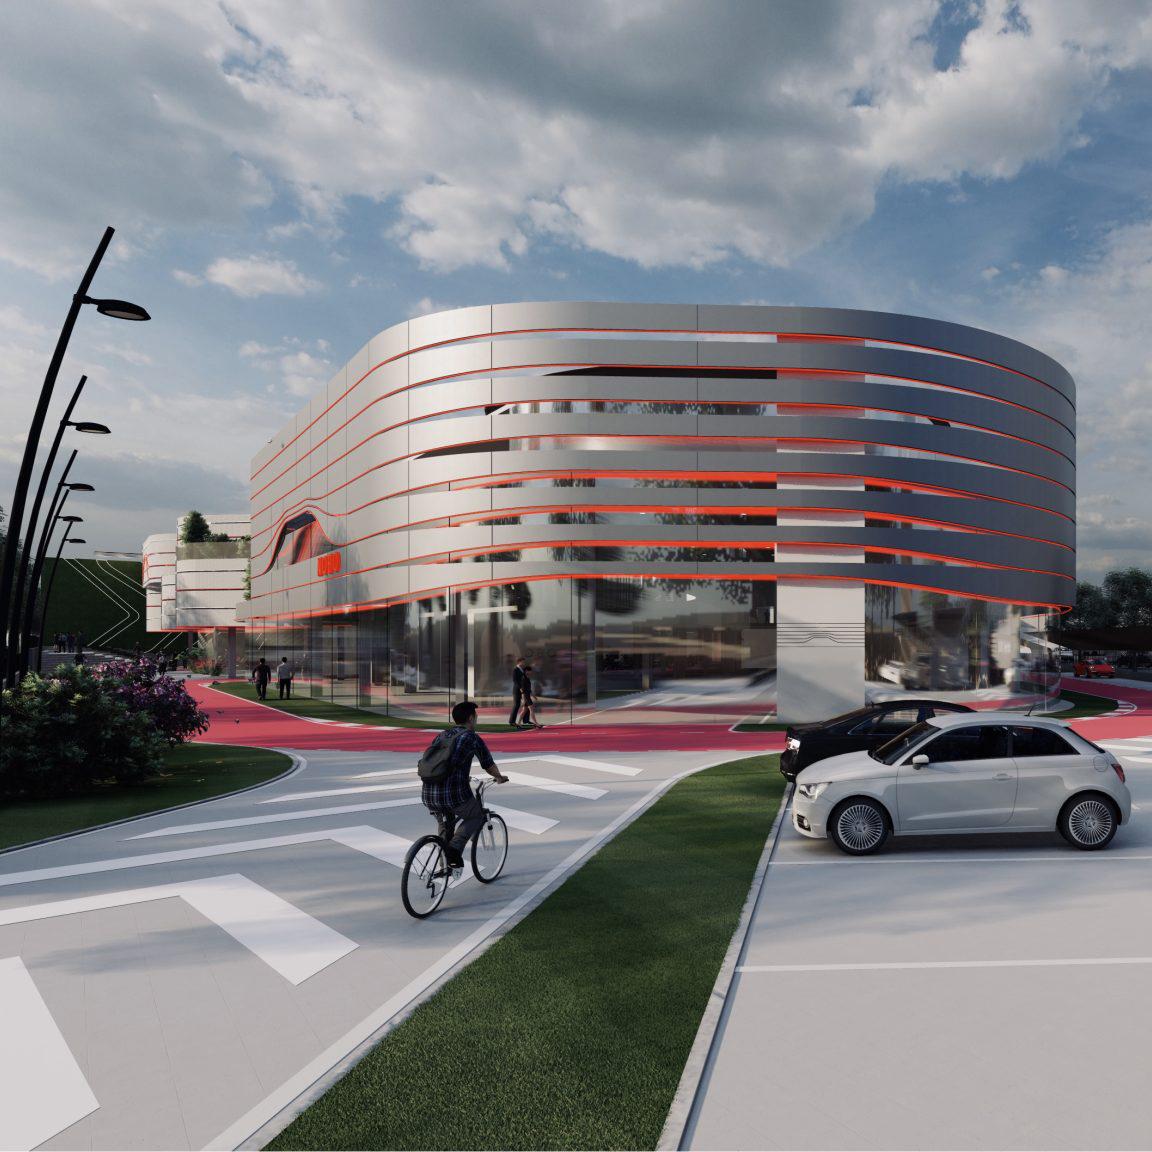 Proyecto en la carretera de Ocaña: arquitectura moderna y contemporánea en Alicante